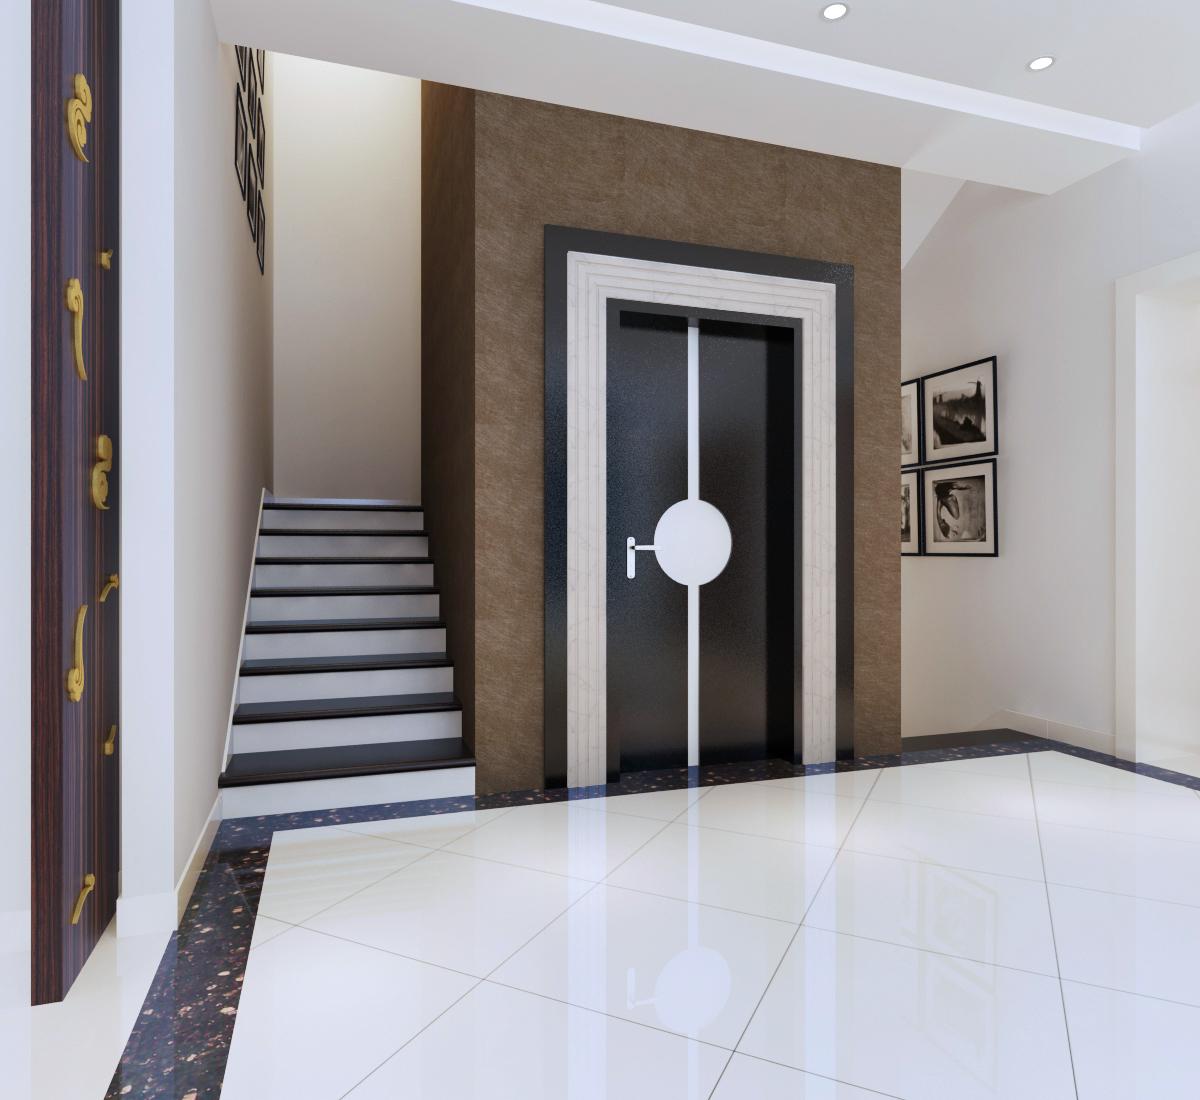 别墅 白领 新中式 楼梯 楼梯图片来自北京别墅装修案例在文化的沉淀艺术的追求的分享